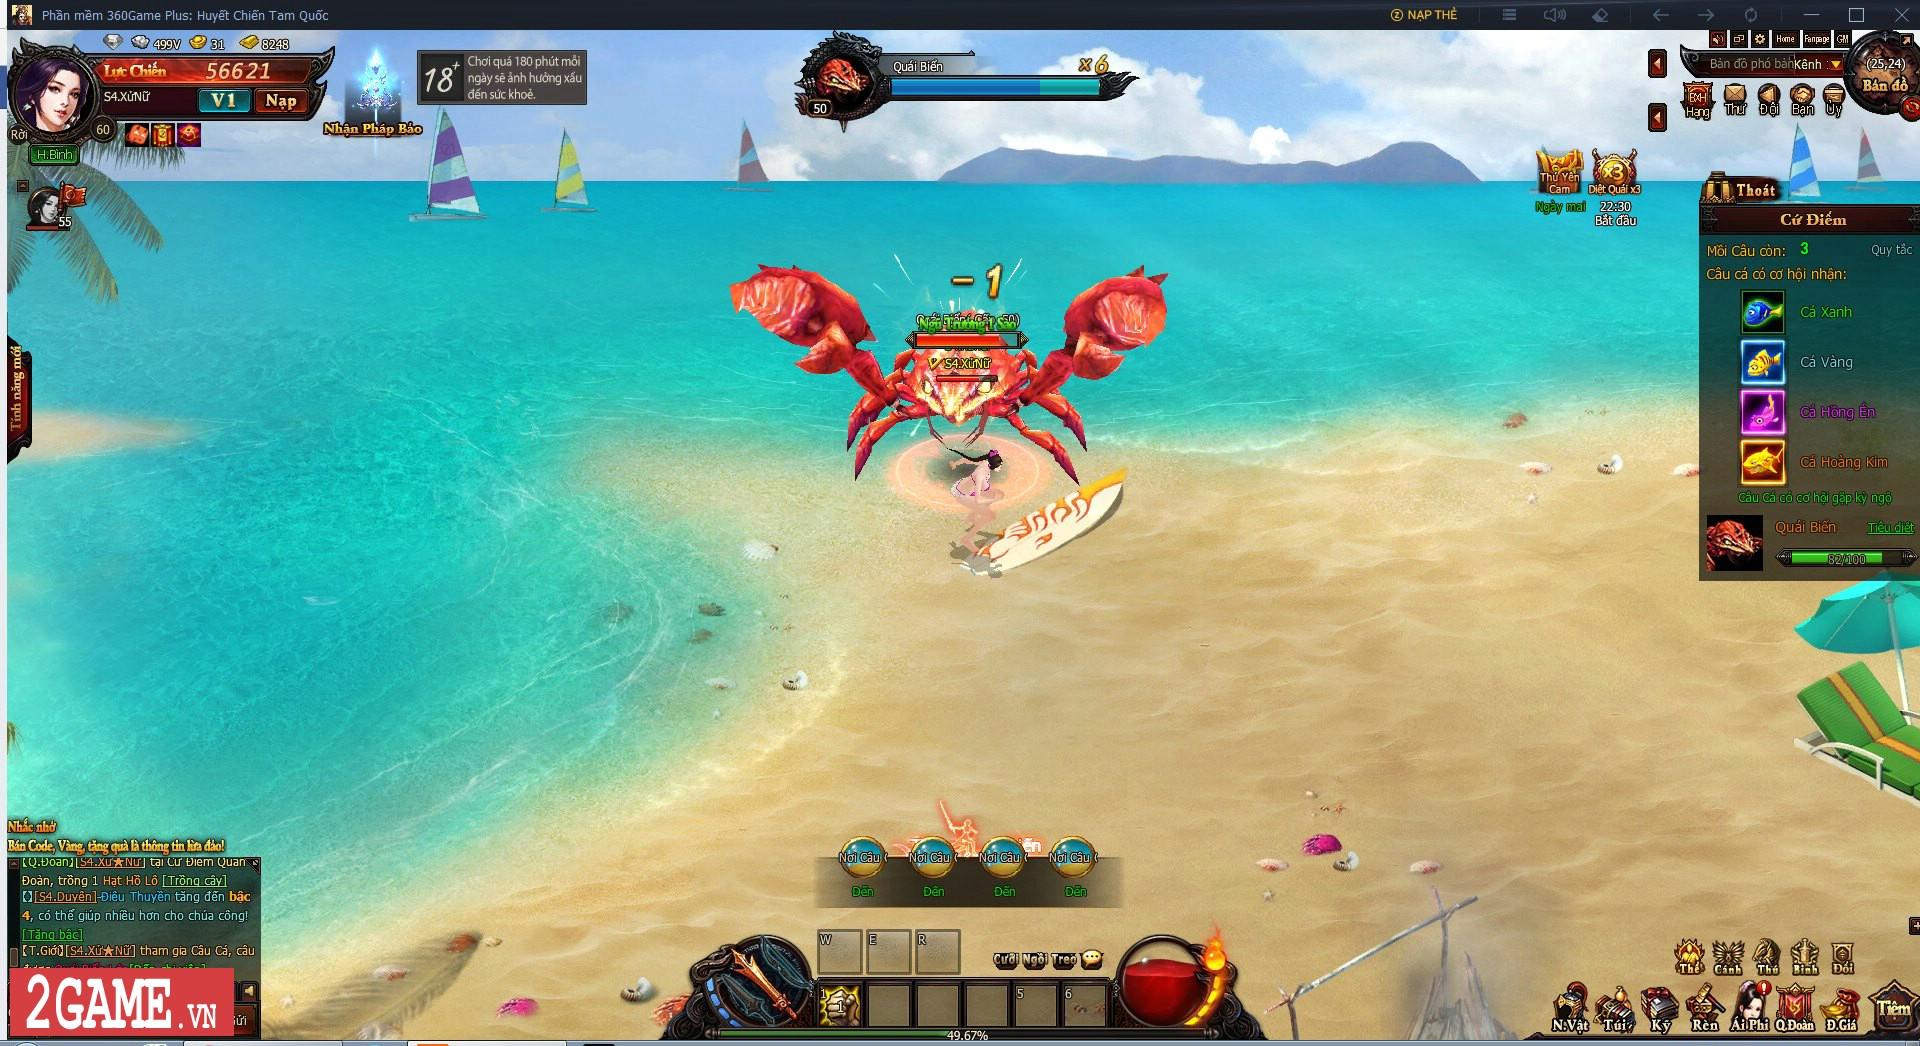 Huyết Chiến Tam Quốc – Webgame nhập vai dành cho ai thích sự đơn giản và máu PK 8